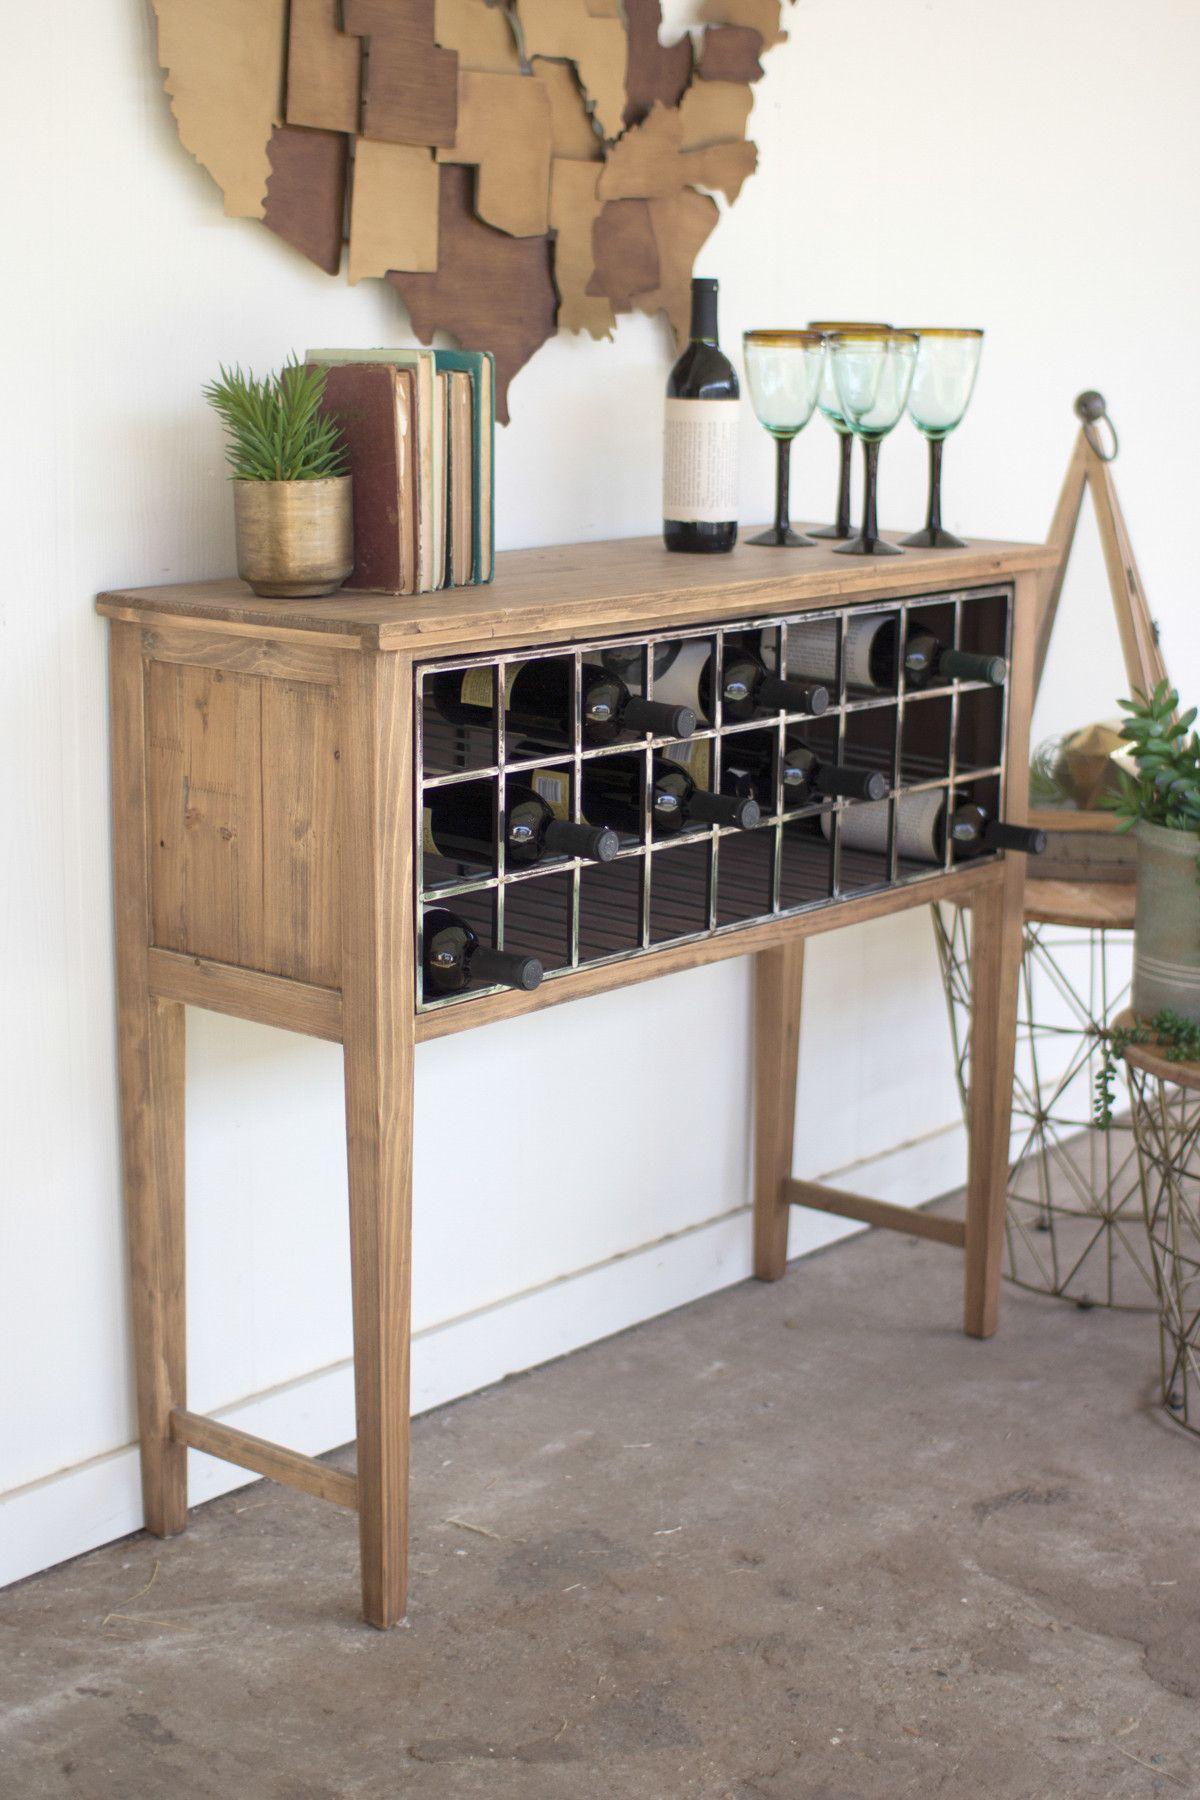 Wood metal wine rack console estantes para vinos - Estantes para vinos ...